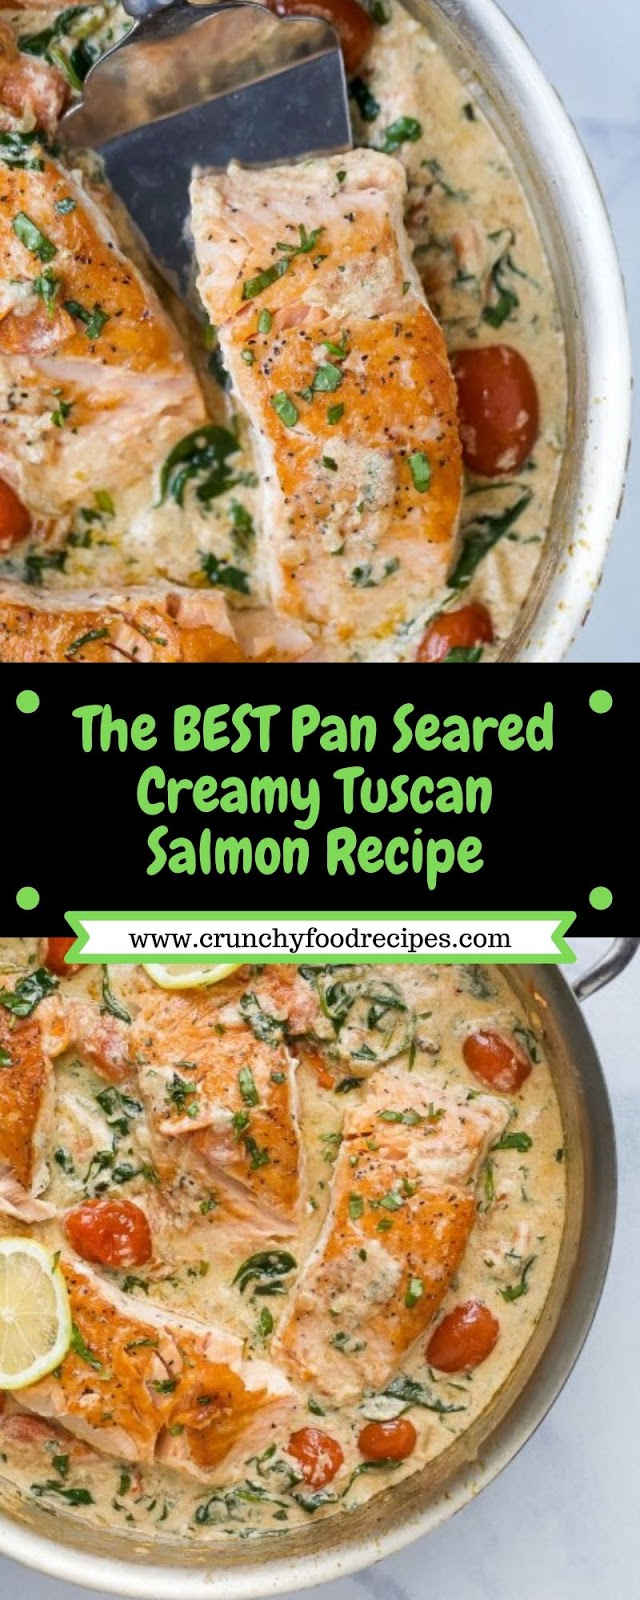 The Best Pan Seared Creamy Tuscan Salmon Recipe